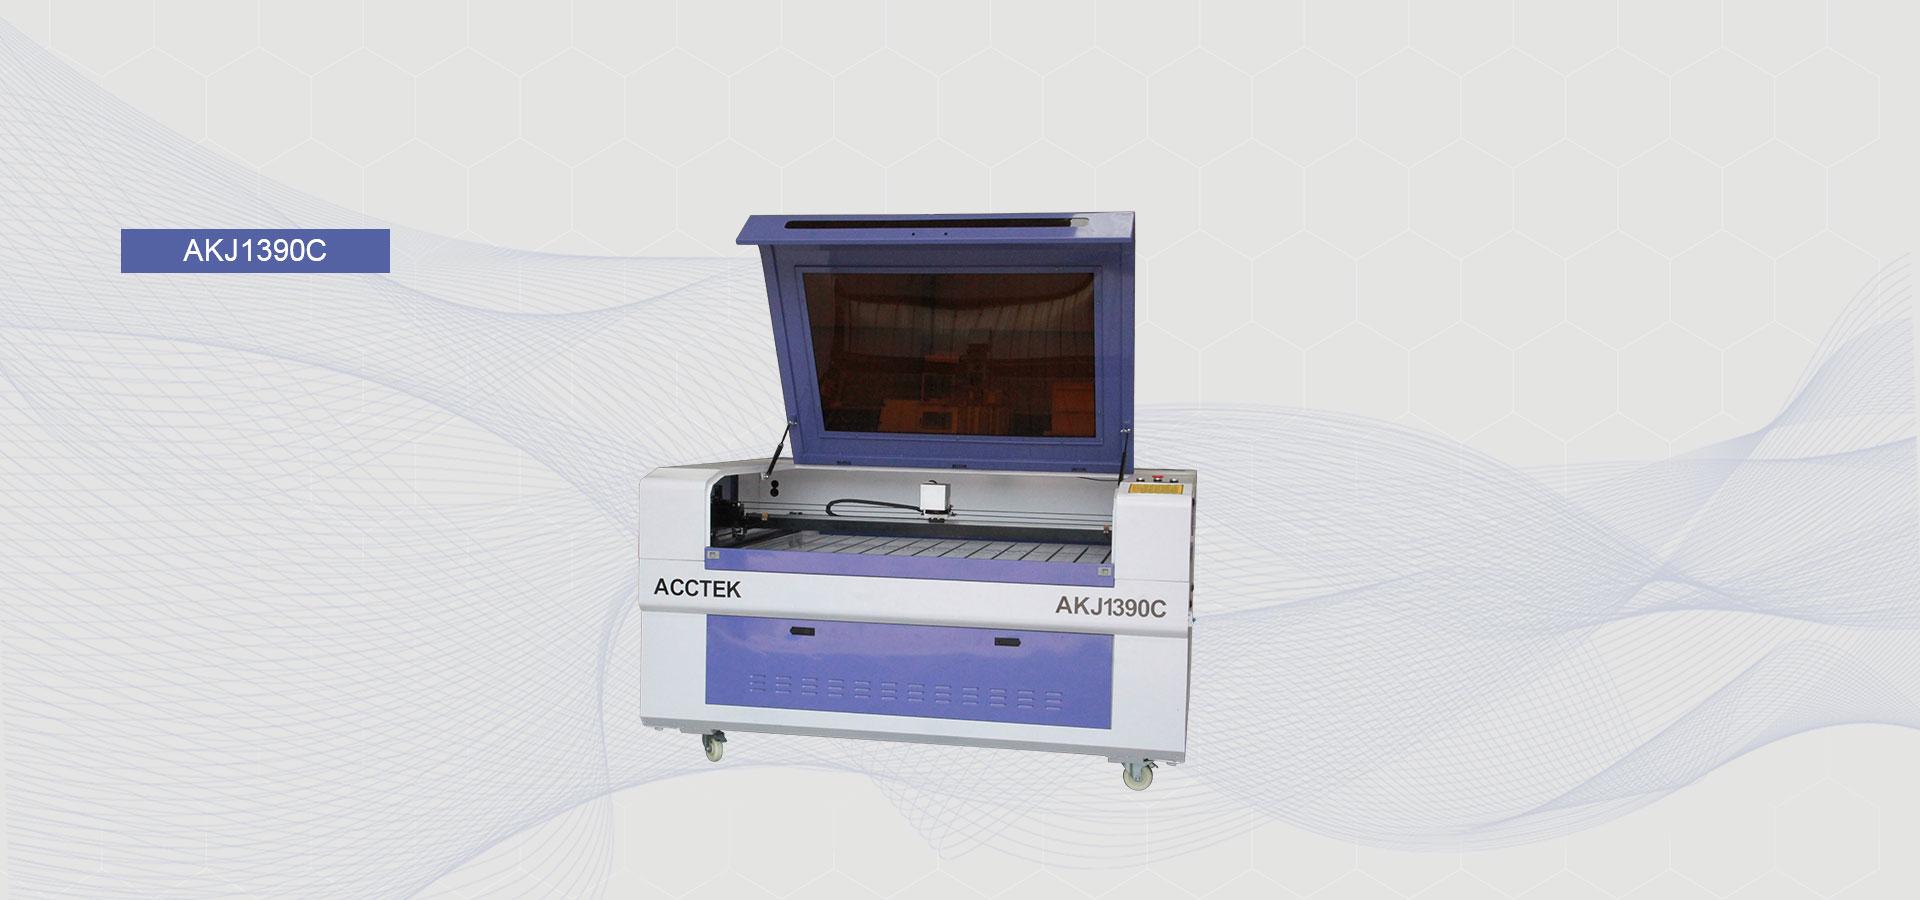 AKJ1390C